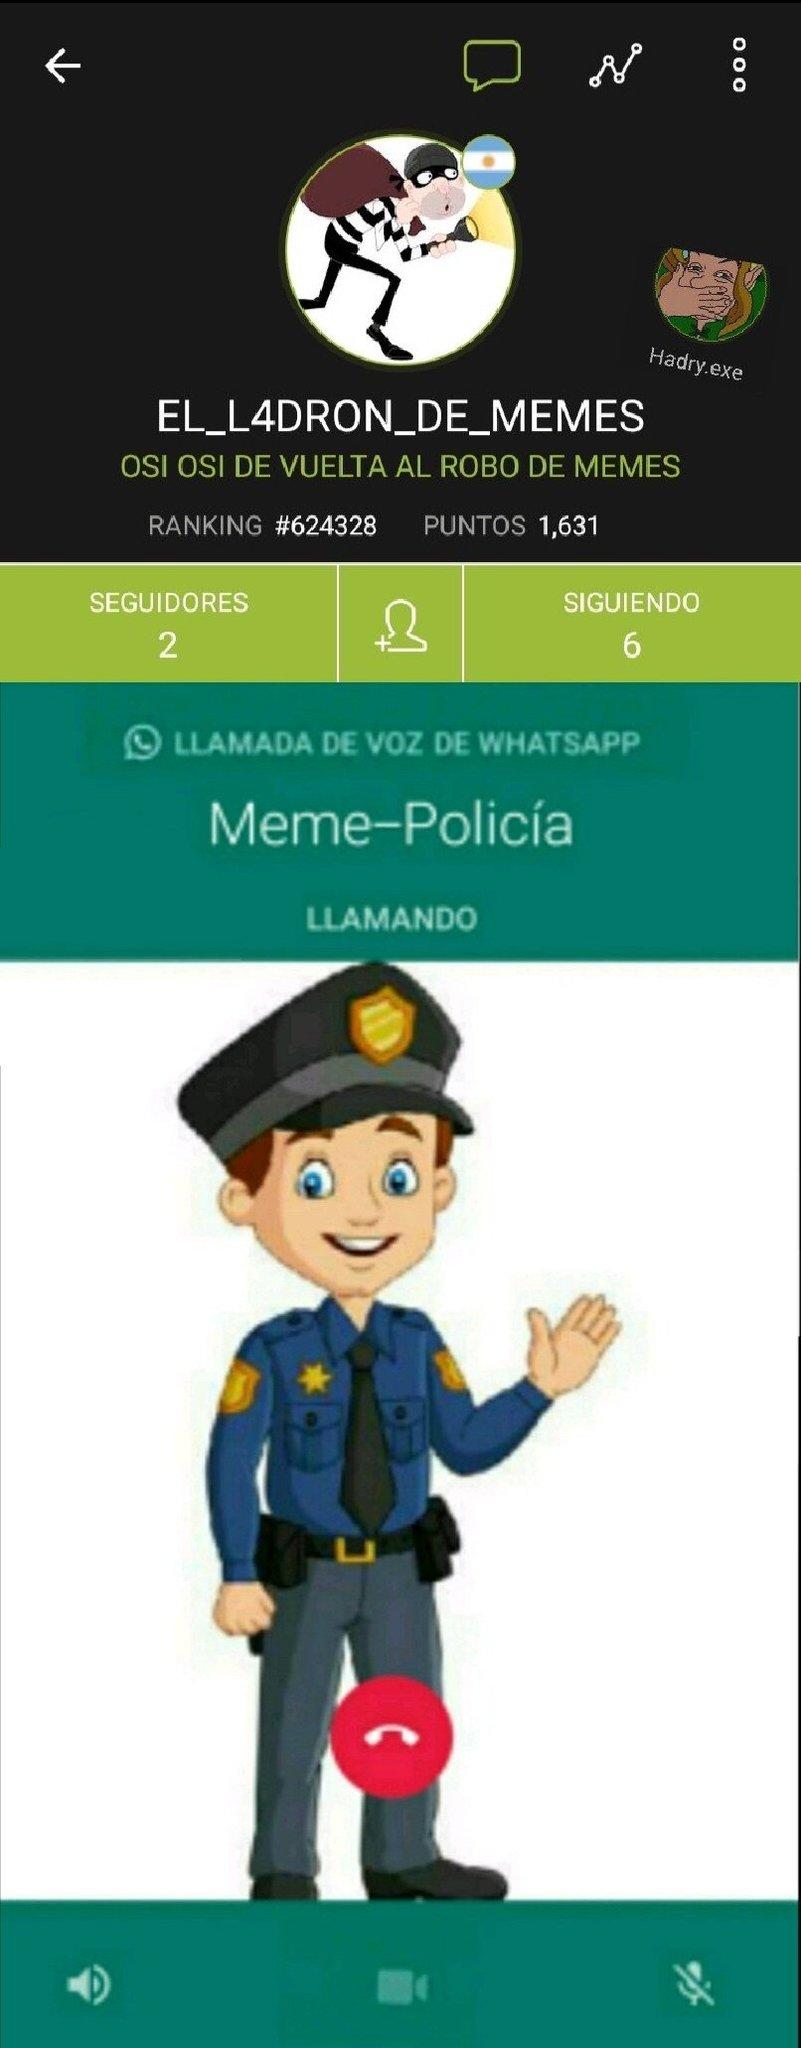 Voy a llamar a la meme policía